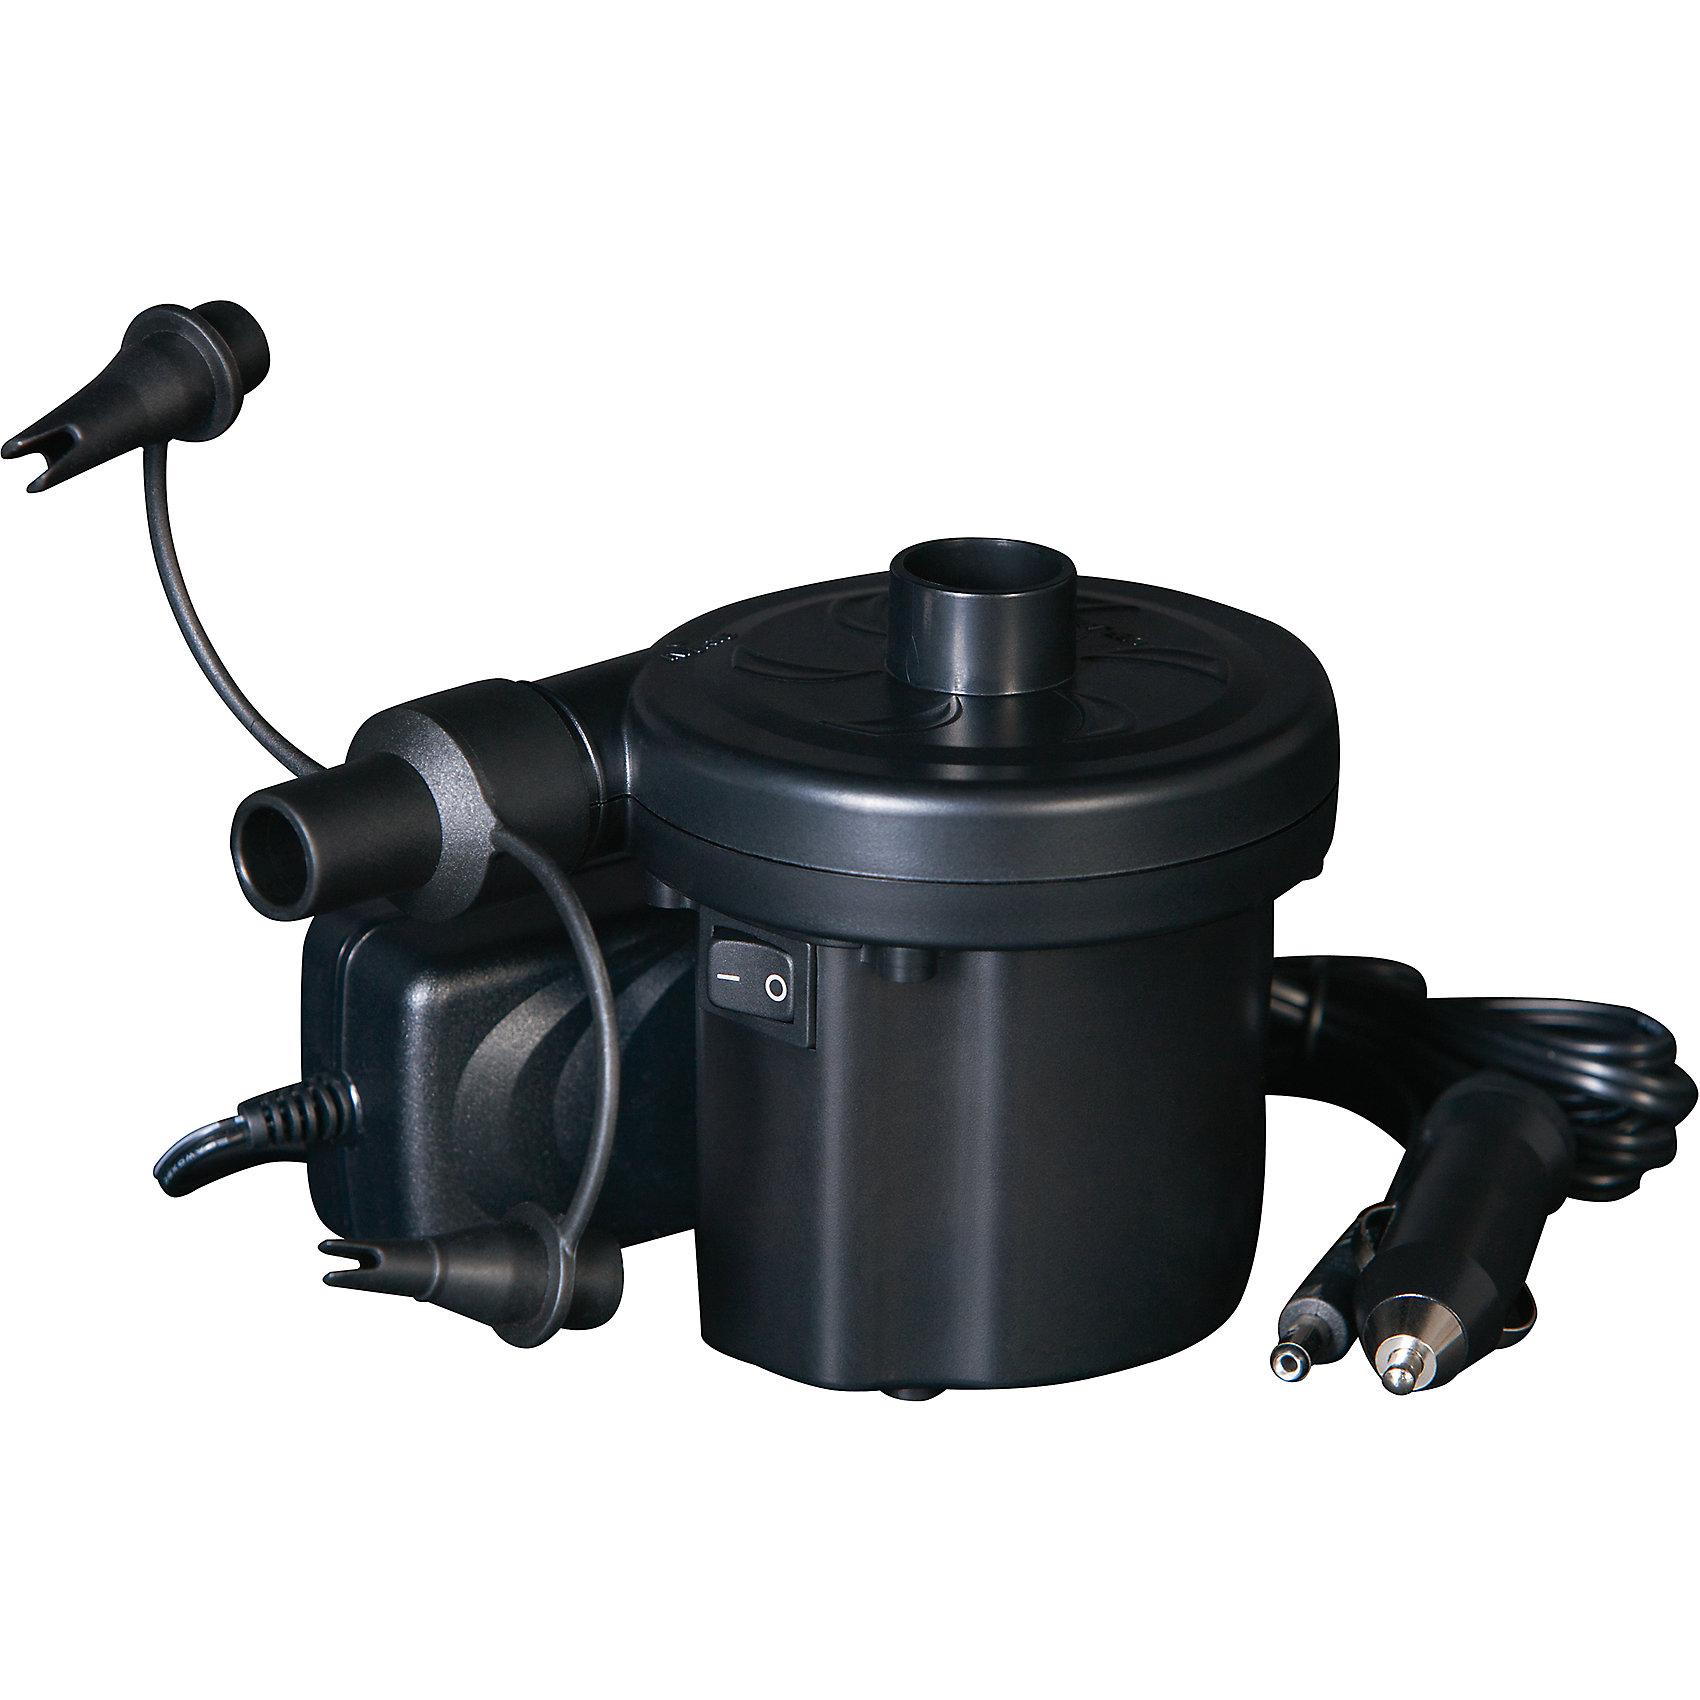 Насос электрический (220В/12В), BestwayНасос электрический, Bestway, прекрасно подходит для надувания любых типов надувных изделий. С его помощью можно легко надуть бассейн, надувную кровать, лодку и прочие изделия таких фирм как Bestway и Intex. Насос работает от сети 220 В через адаптер питания или от автомобильного прикуривателя 12 В. Может работать в двух режимах - в режиме надувания или откачивания воздуха. В комплект также входят 3 насадки-переходника для разных типов клапанов.<br><br>Дополнительная информация:<br><br>- Материал: пластик, металл.<br>- Питание 12 В / 220 В.<br>- Потребляемая мощность 35 Вт.<br>- Размер насоса: 9 х 12 х 10 см.<br>- Размер упаковки: 14 х 10,5 х 12 см.<br>- Вес: 1,2 кг. <br><br>Насос электрический (220В/12В), Bestway, можно купить в нашем интернет-магазине.<br><br>Ширина мм: 1400<br>Глубина мм: 1200<br>Высота мм: 1050<br>Вес г: 469<br>Возраст от месяцев: 144<br>Возраст до месяцев: 1188<br>Пол: Унисекс<br>Возраст: Детский<br>SKU: 4632828